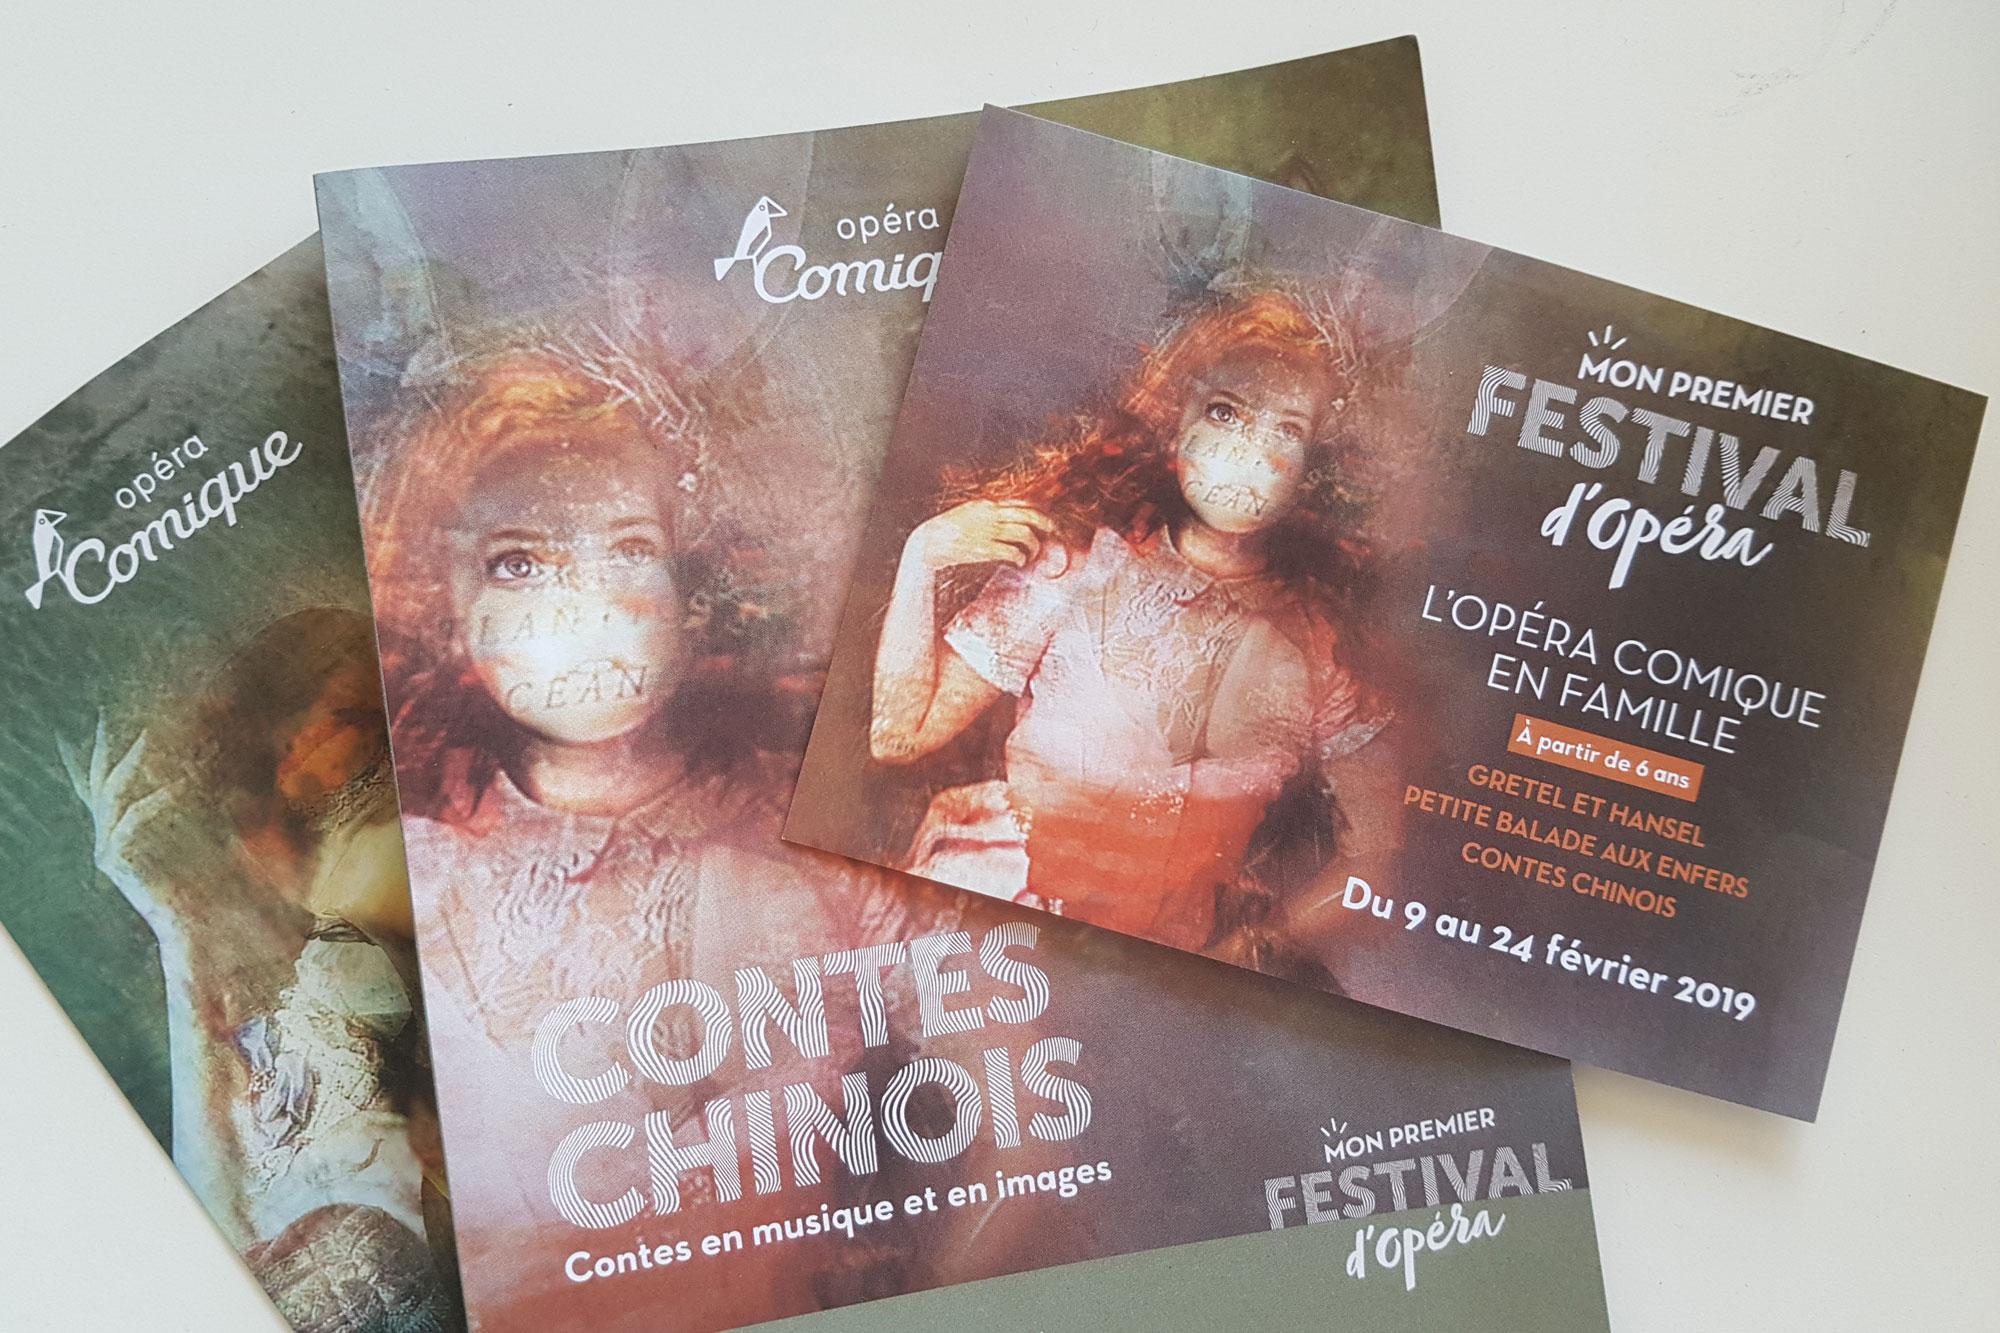 """Flyer pour des spectacles en famille à l'Opera Comique en février 2019 : """"Mon premier Festival d'Opéra"""""""